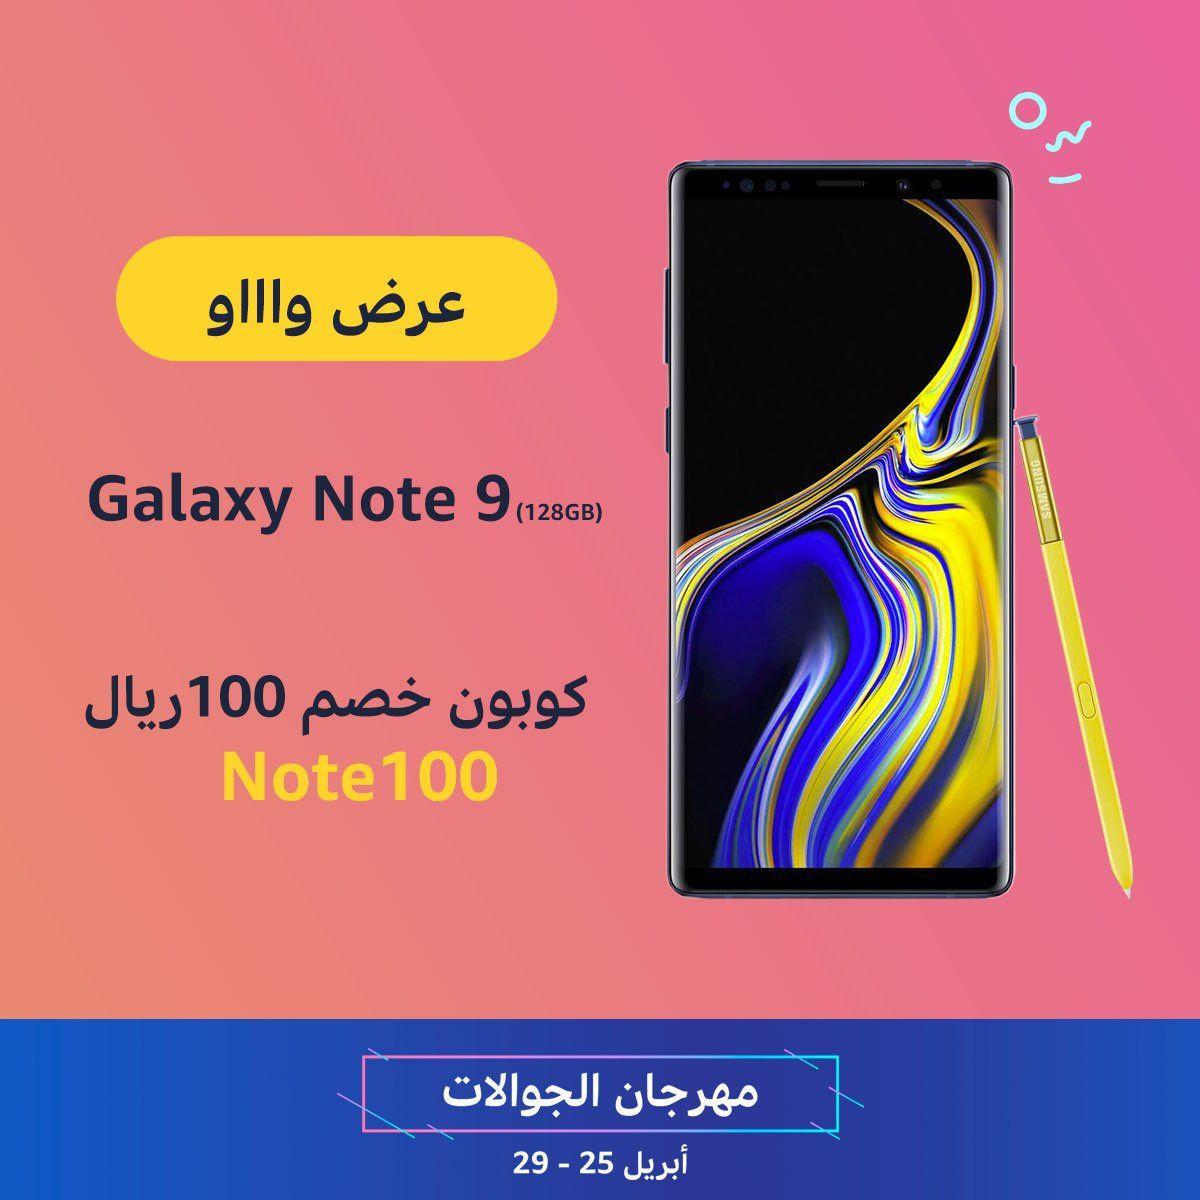 أحصل على خصم 100 ريال على هاتف سامسونج جالكسي نوت 9 عند استخدام كوبون Note100 تسوق من هنا مهرجان الجوالات Galaxy Note Enamel Pins Letters